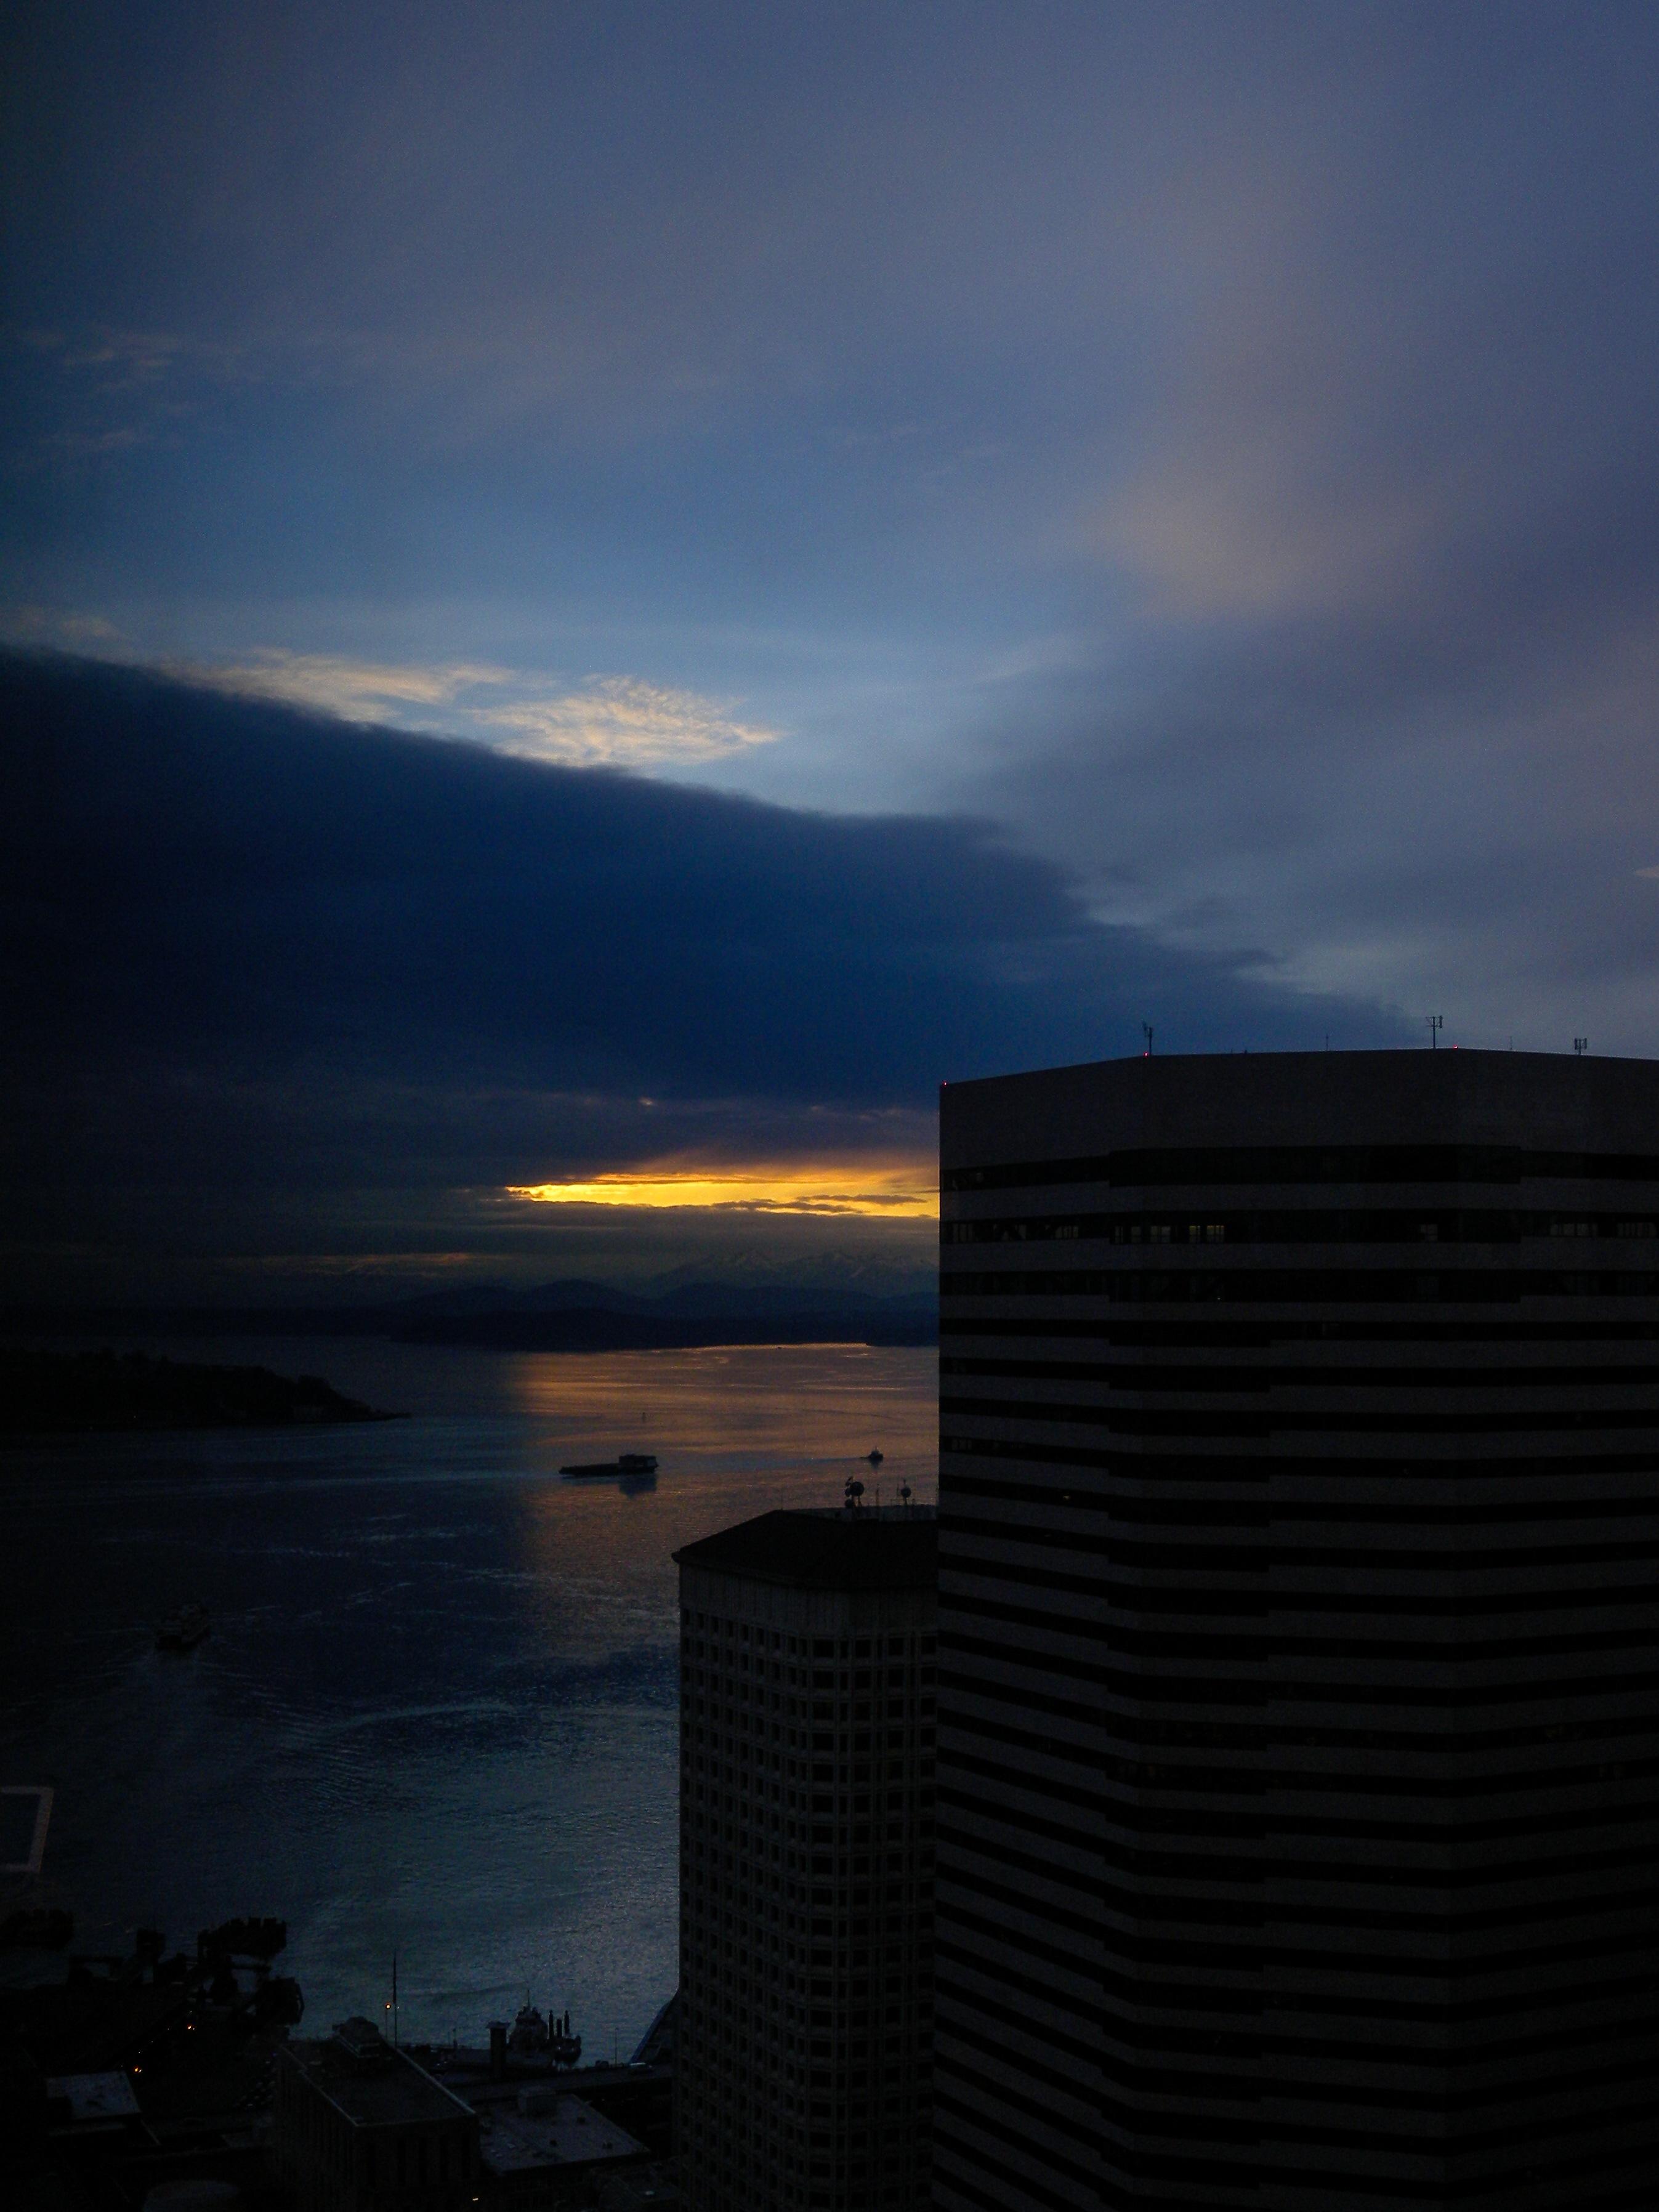 Photo Feb 26, 6 39 11 AM